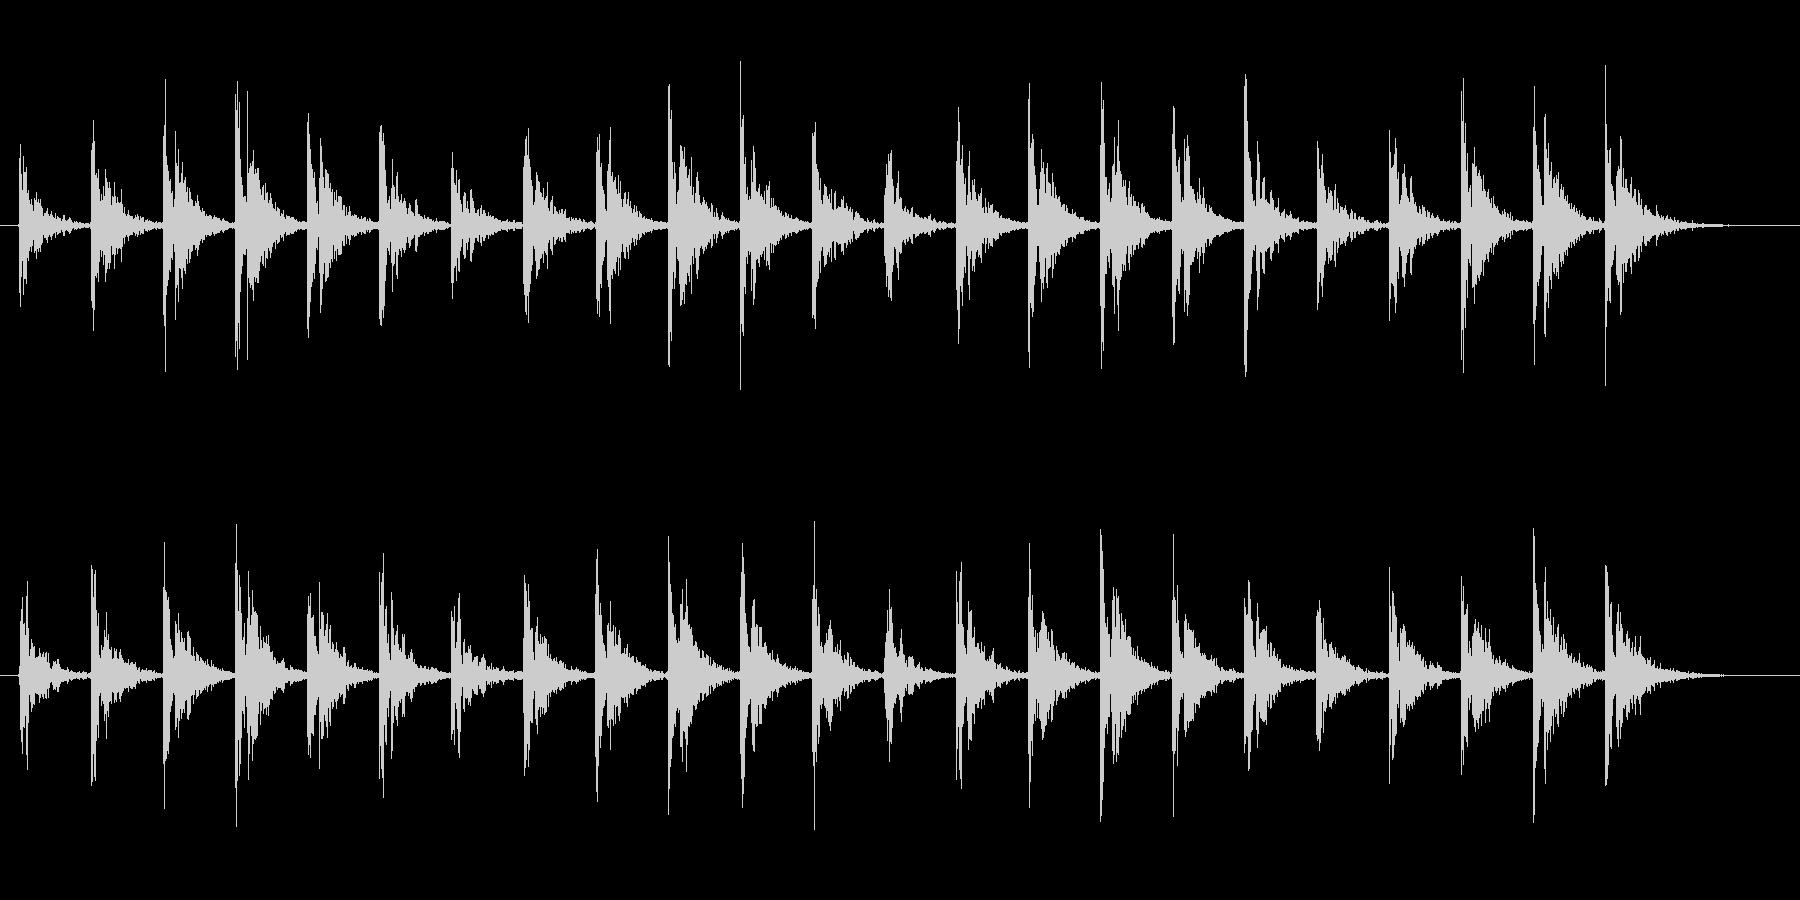 洞窟の中で氷が弾けるような音の未再生の波形